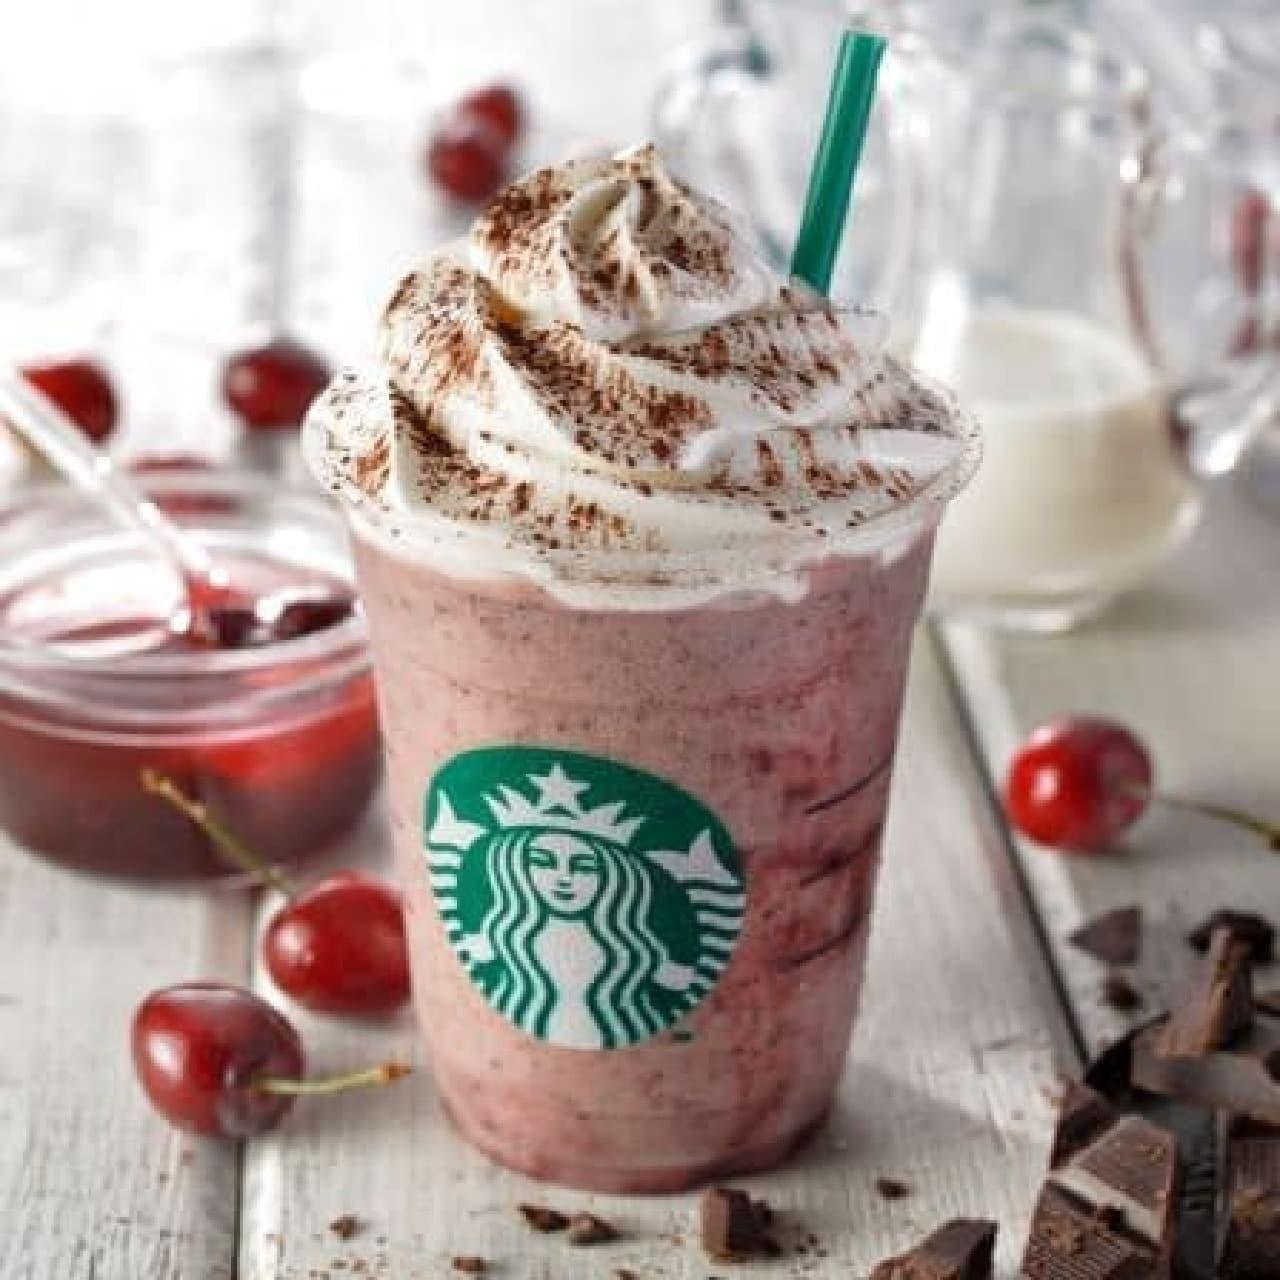 スターバックス コーヒー「チェリー&チョコレート チップ フラペチーノ」